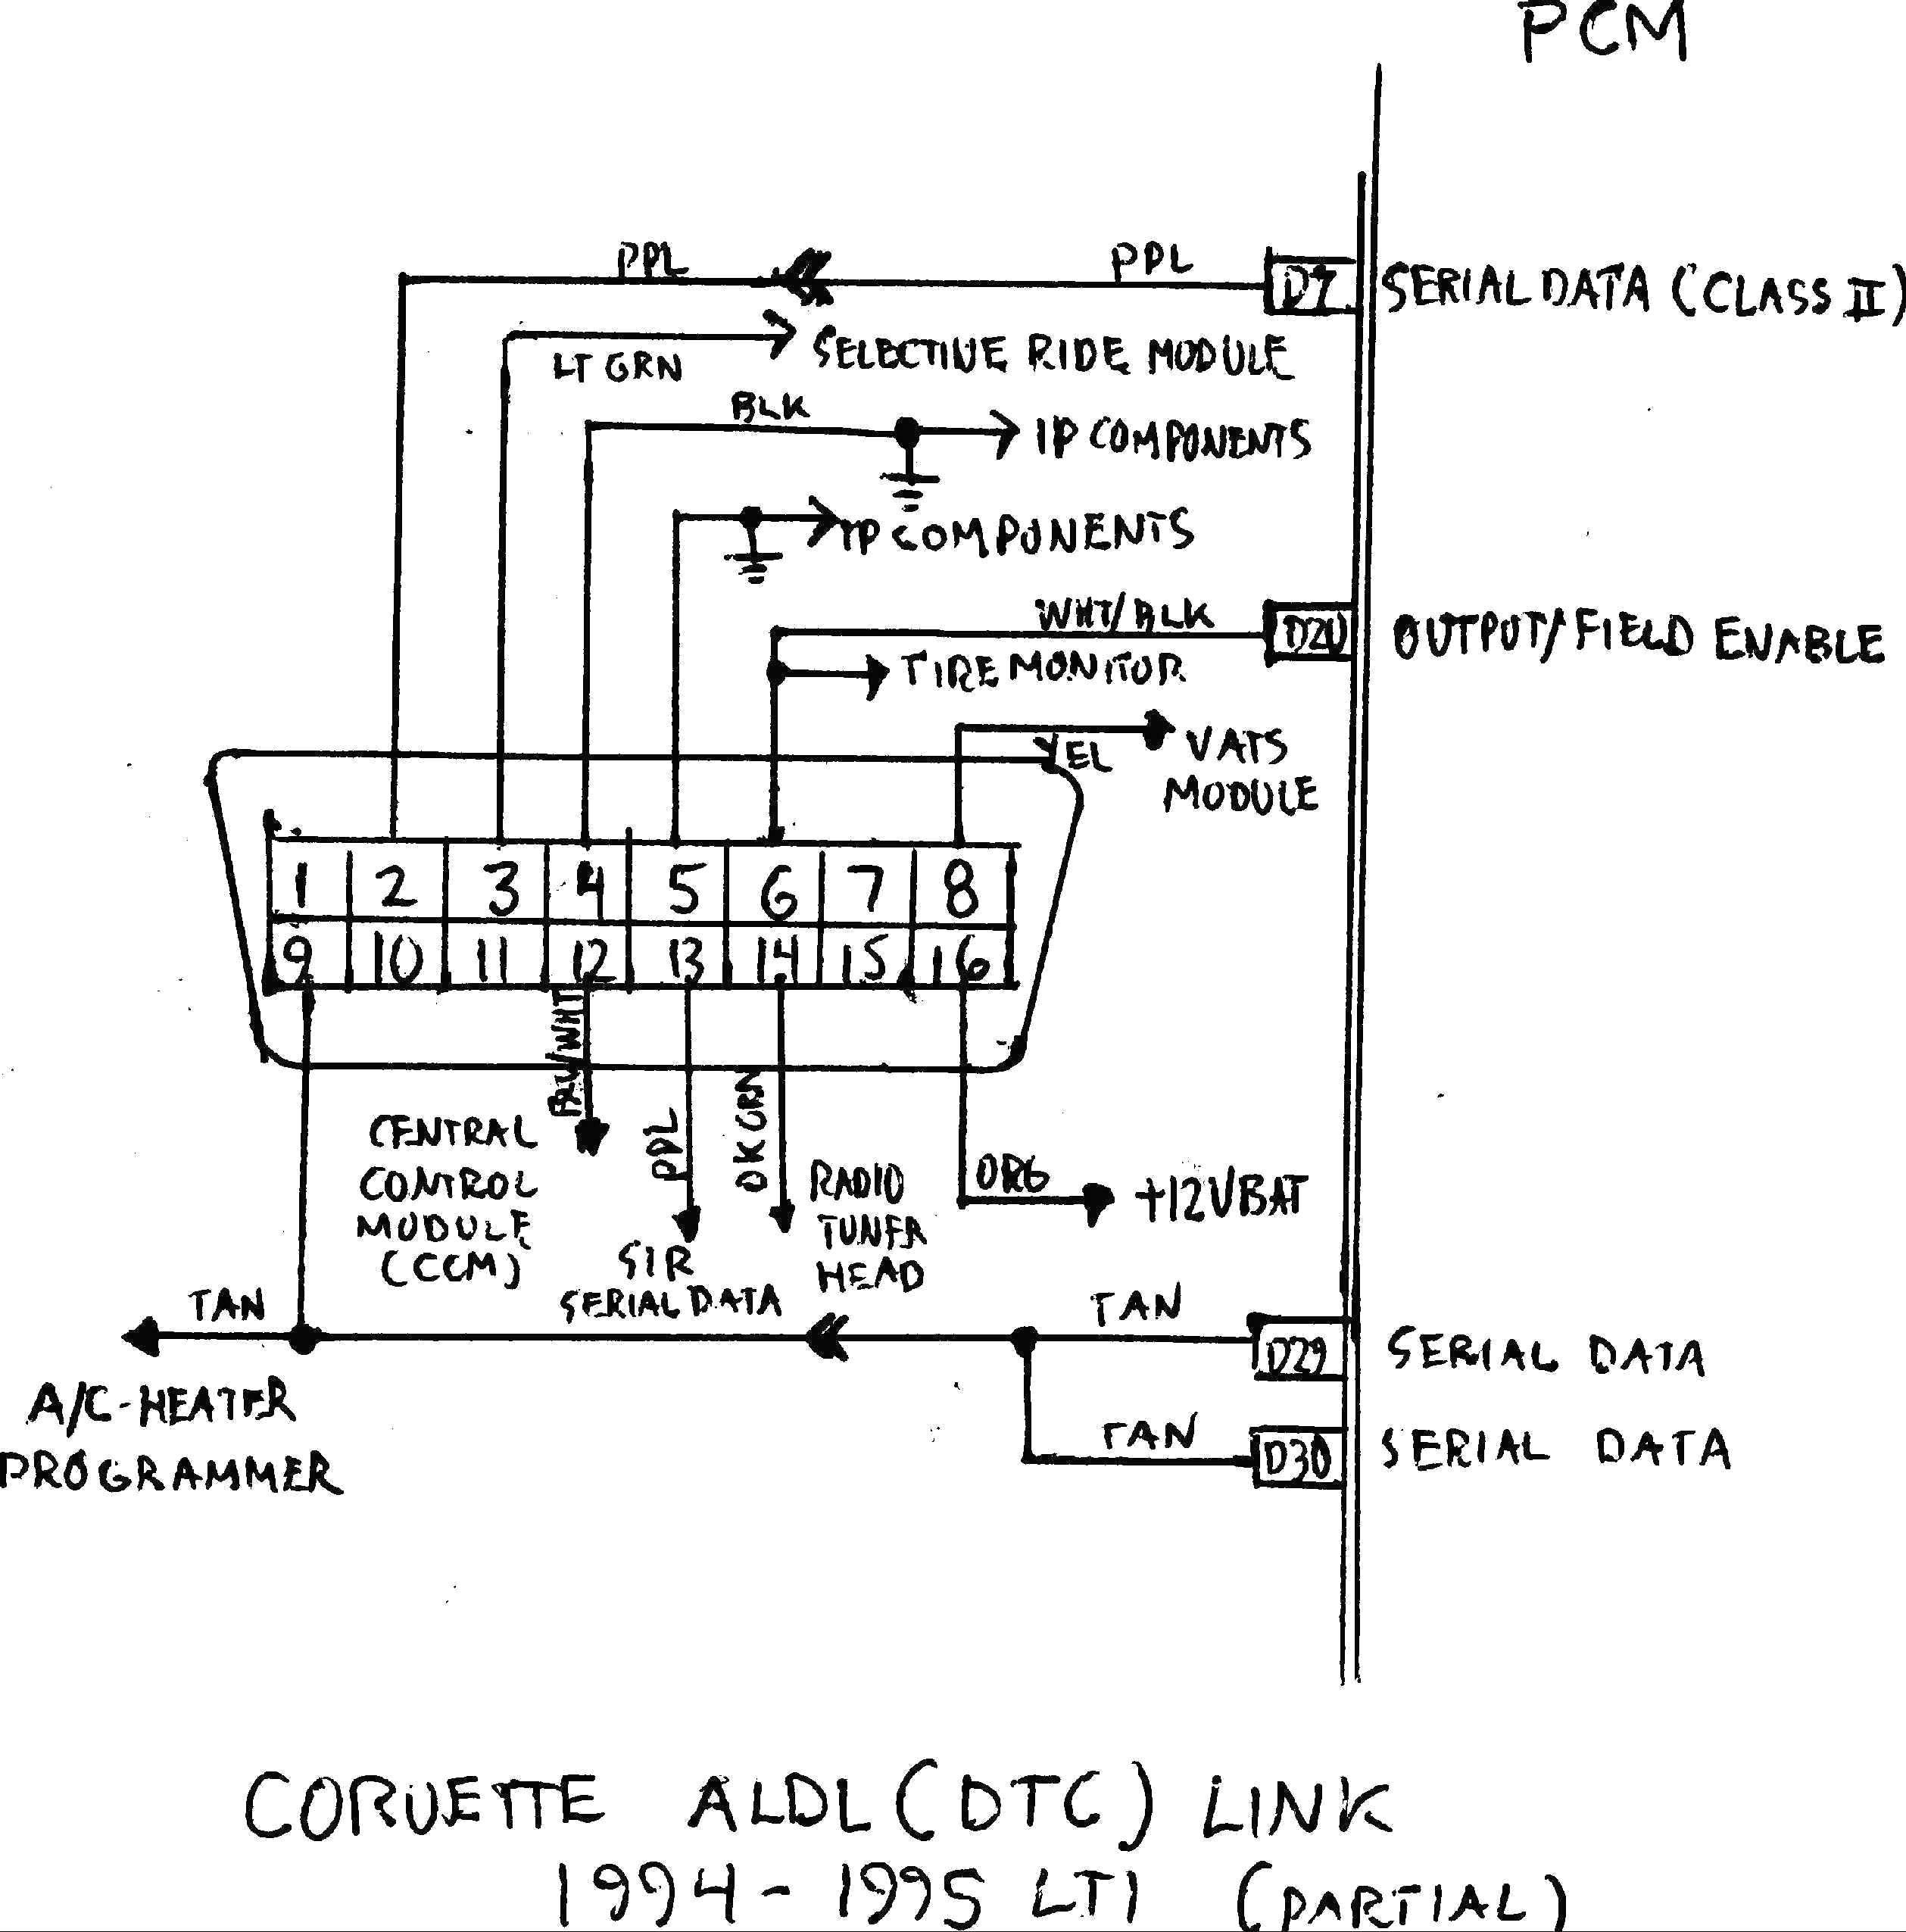 obd2 to obd1 wiring diagram bd 2141  dodge data link connector obd1 to obd2 1995 on dodge obd2  dodge data link connector obd1 to obd2